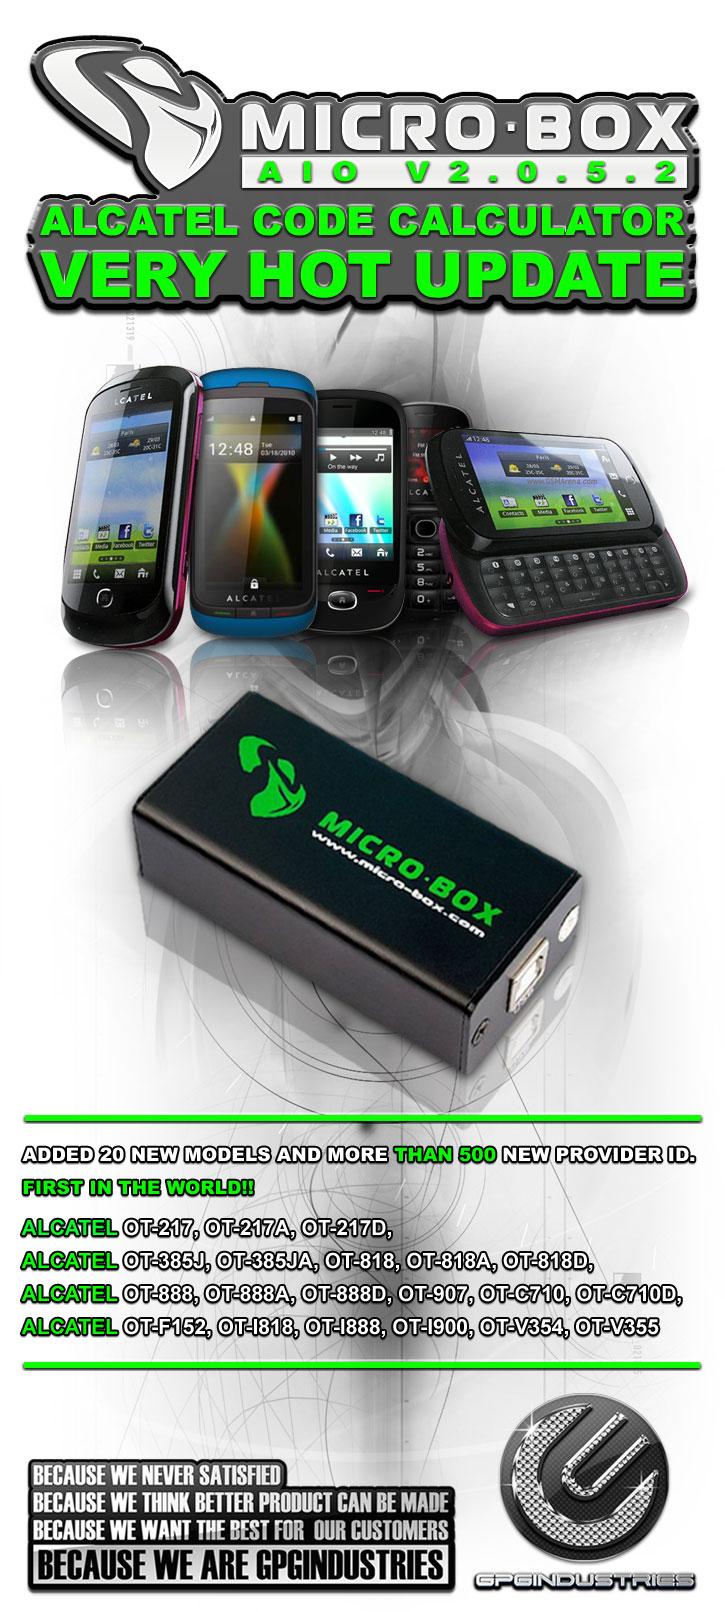 2011 11 14 MICRO BOX ALCATEL 725